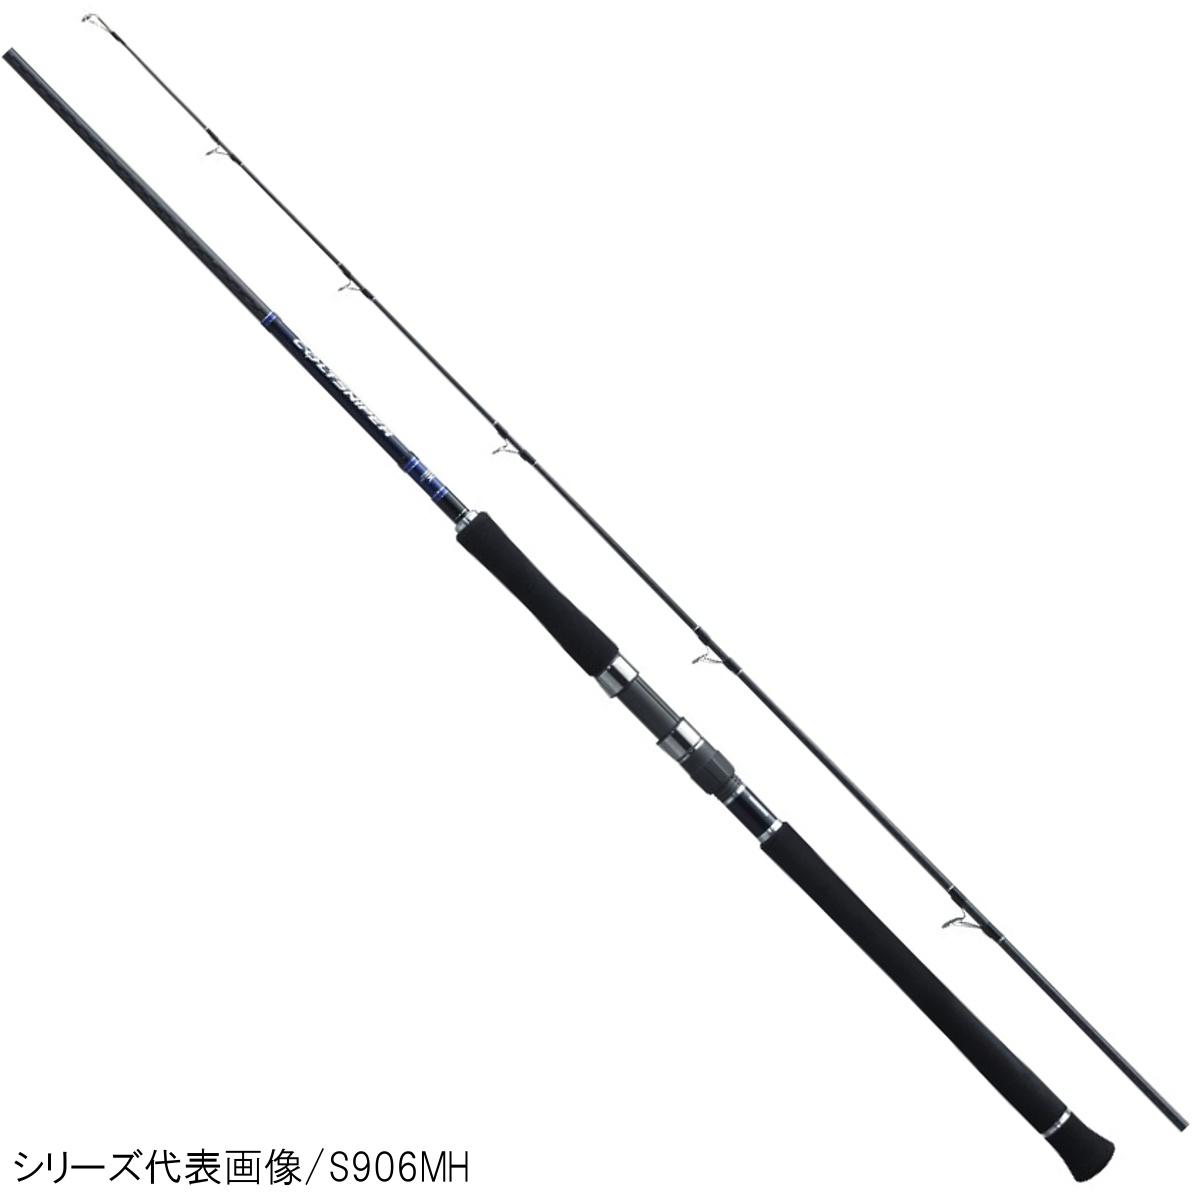 シマノ コルトスナイパー S1006H【大型商品】